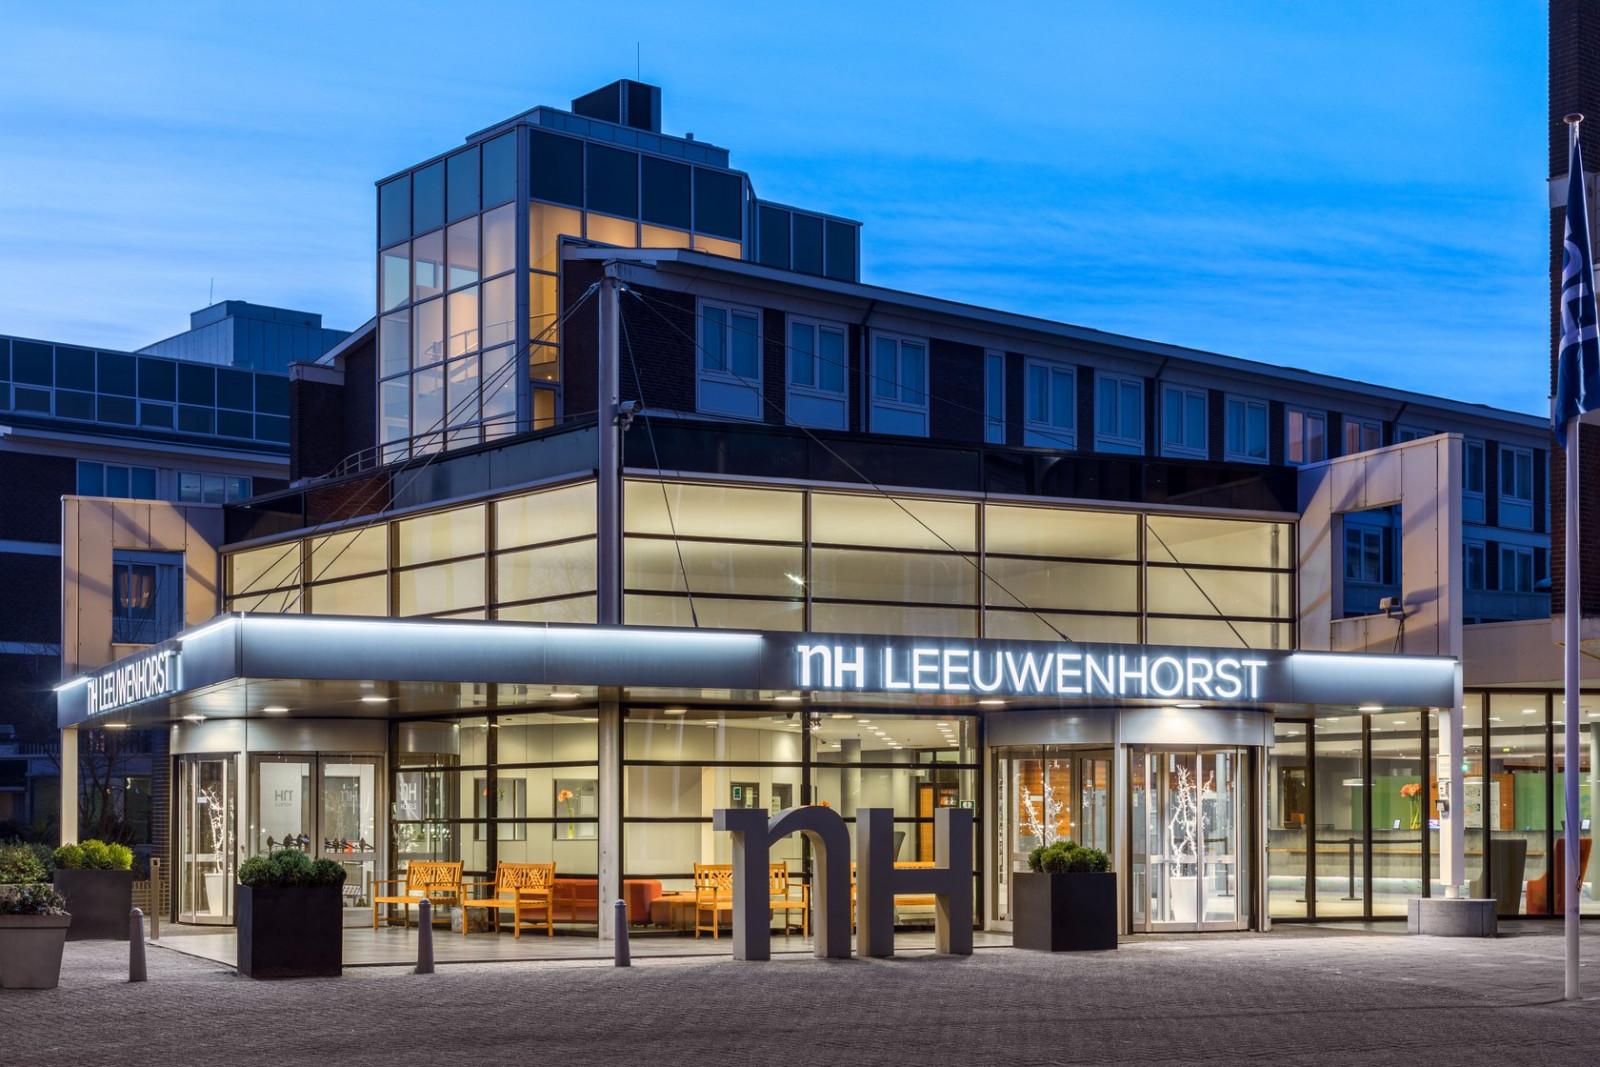 NH Leeuwenhorst